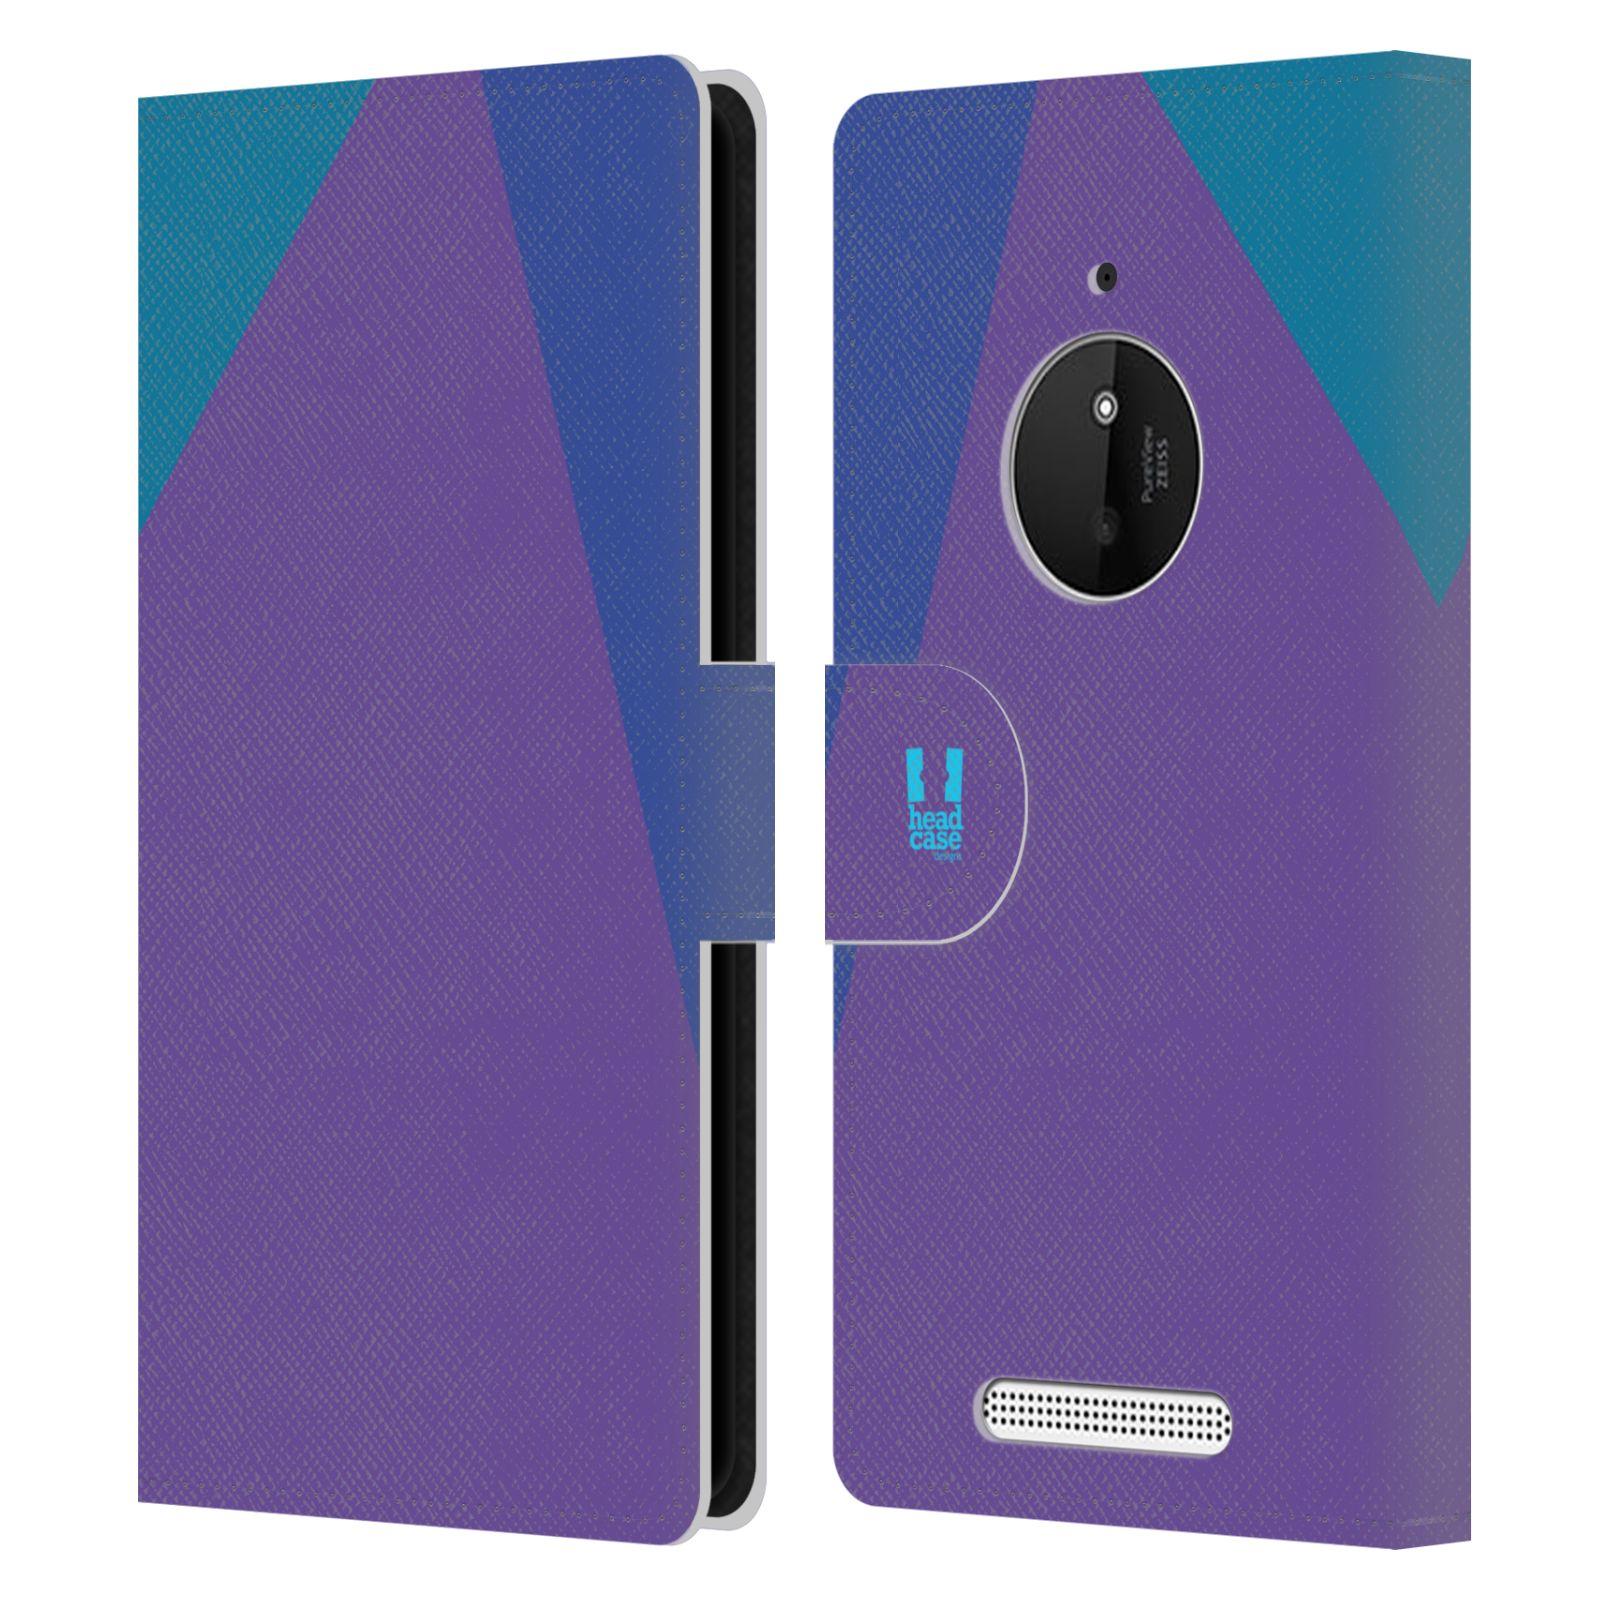 HEAD CASE Flipové pouzdro pro mobil Nokia LUMIA 830 barevné tvary fialová feminine